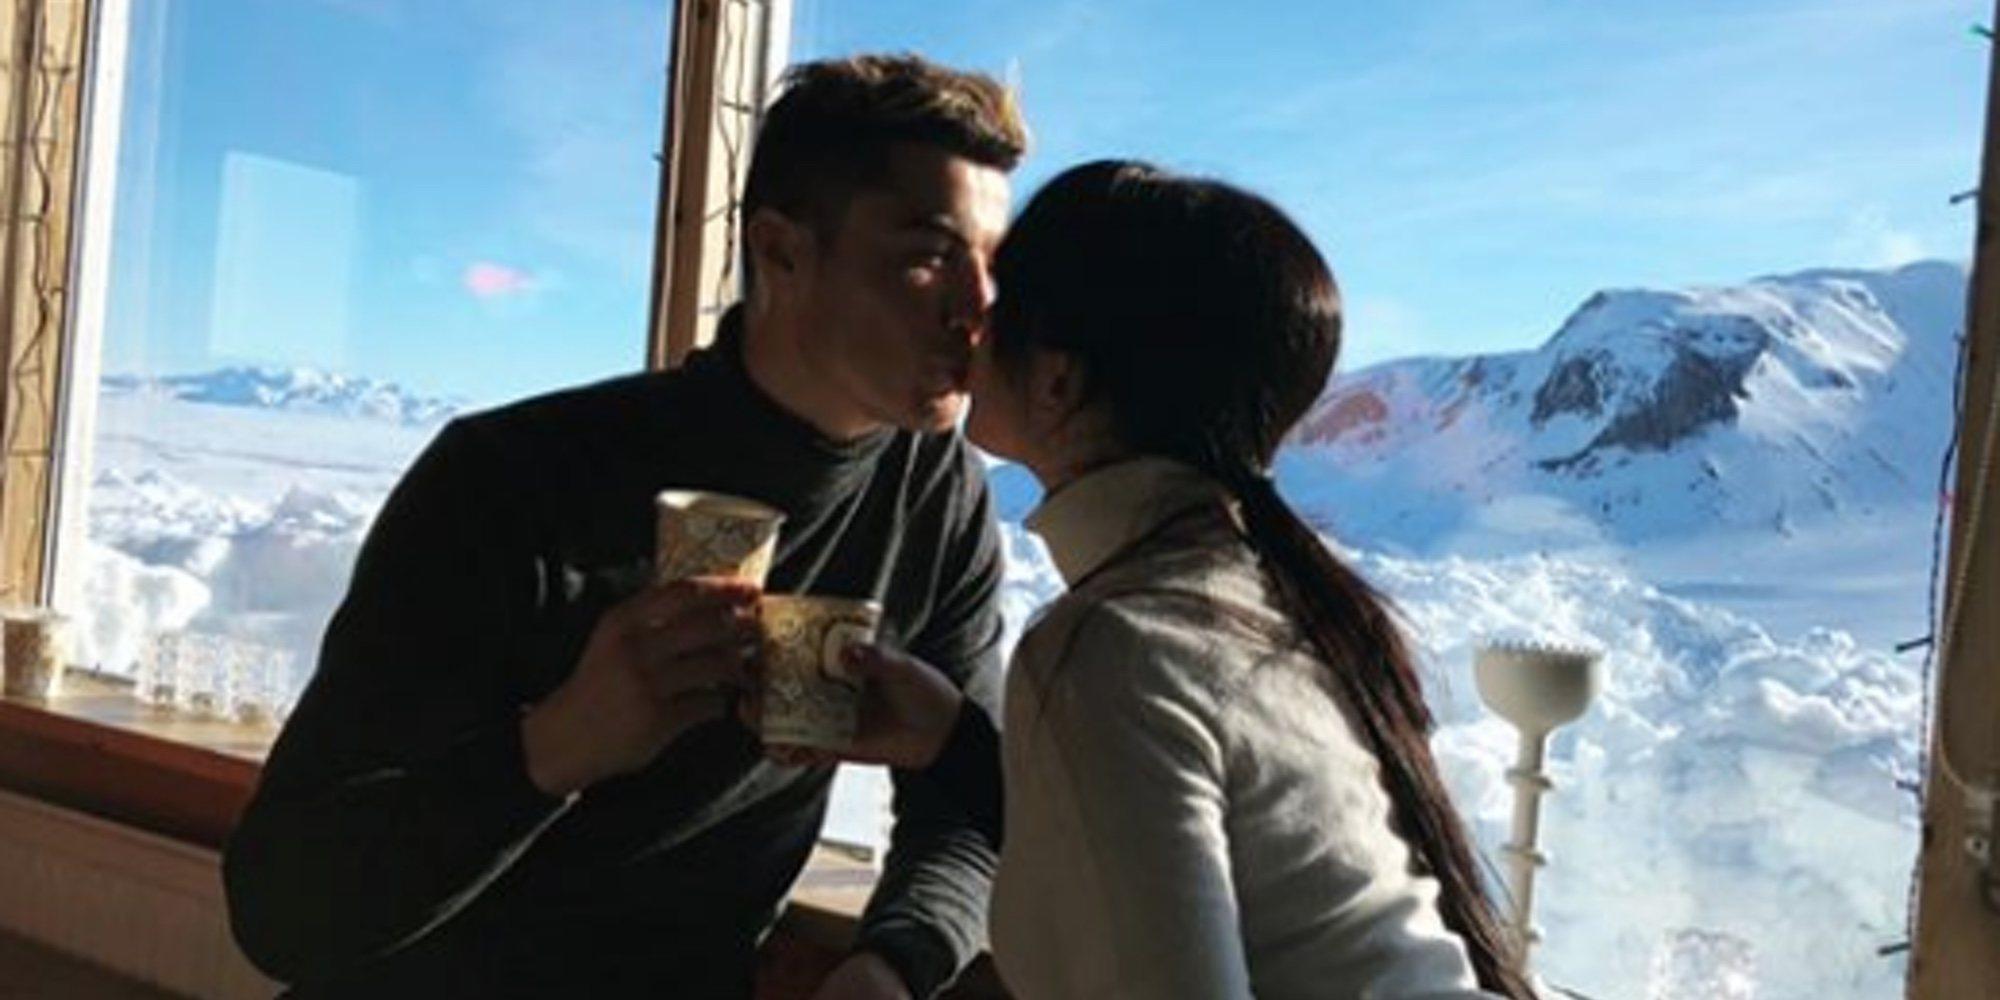 Georgina Rodríguez y Cristiano Ronaldo disfruta de su viaje más romántico e invernal